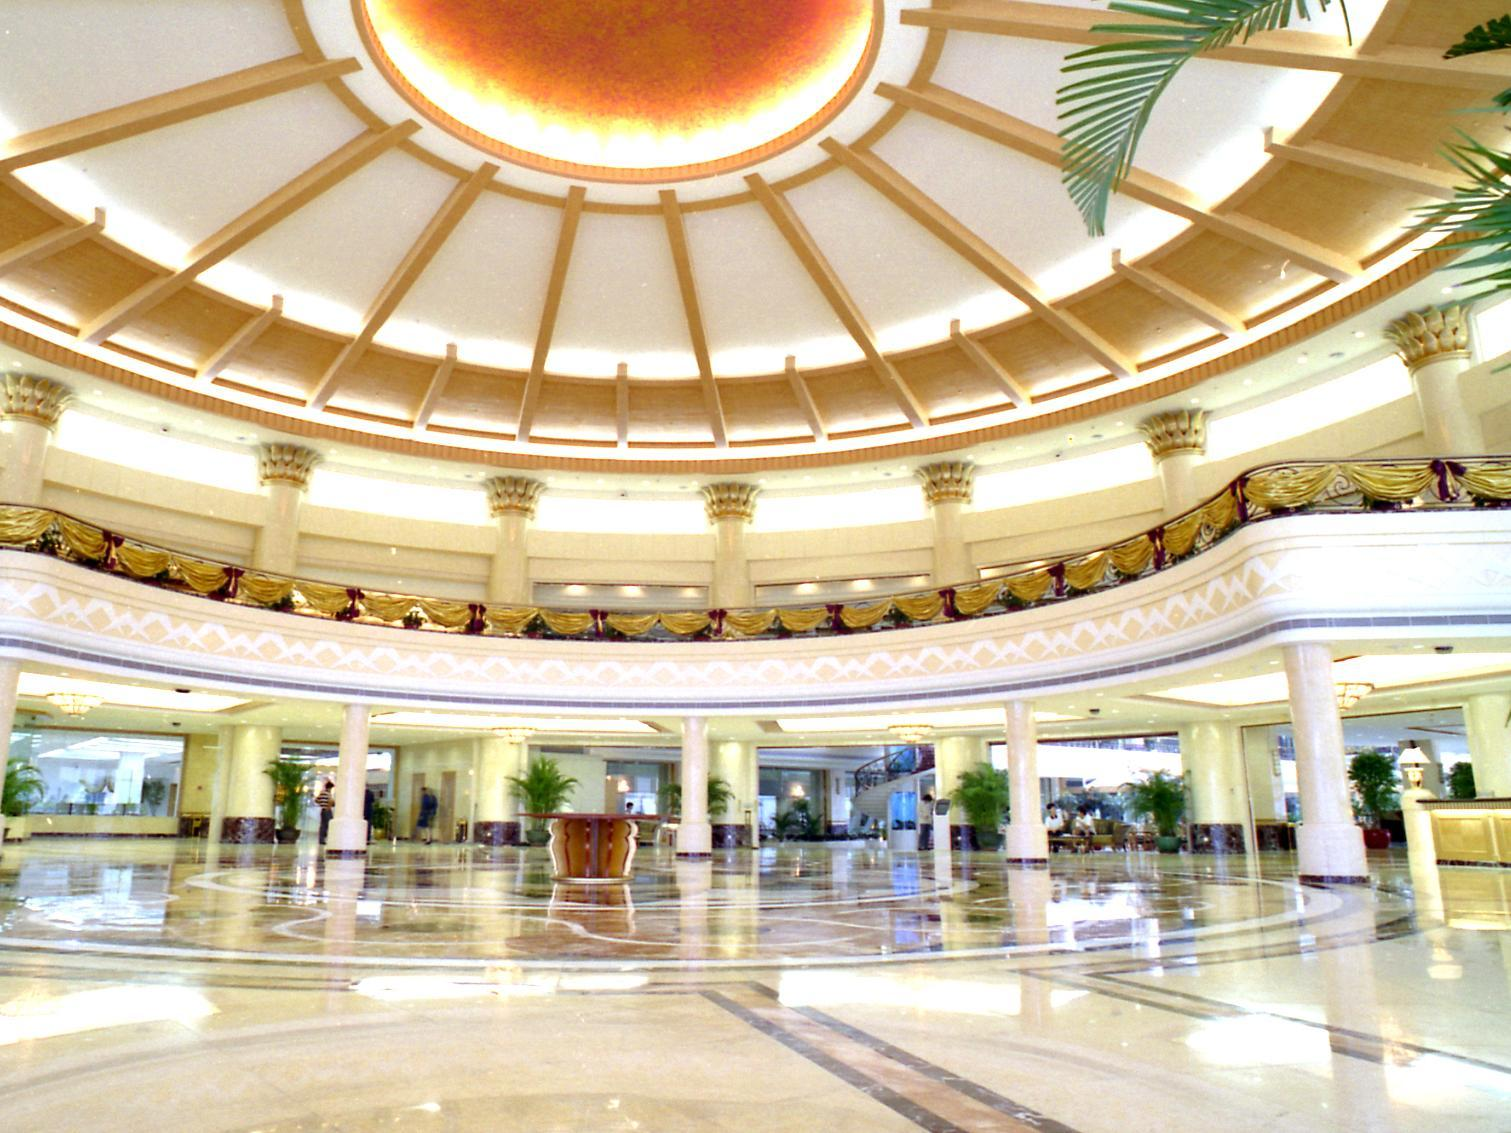 Tianjin Tiao Bao International Hotel - Tianjin